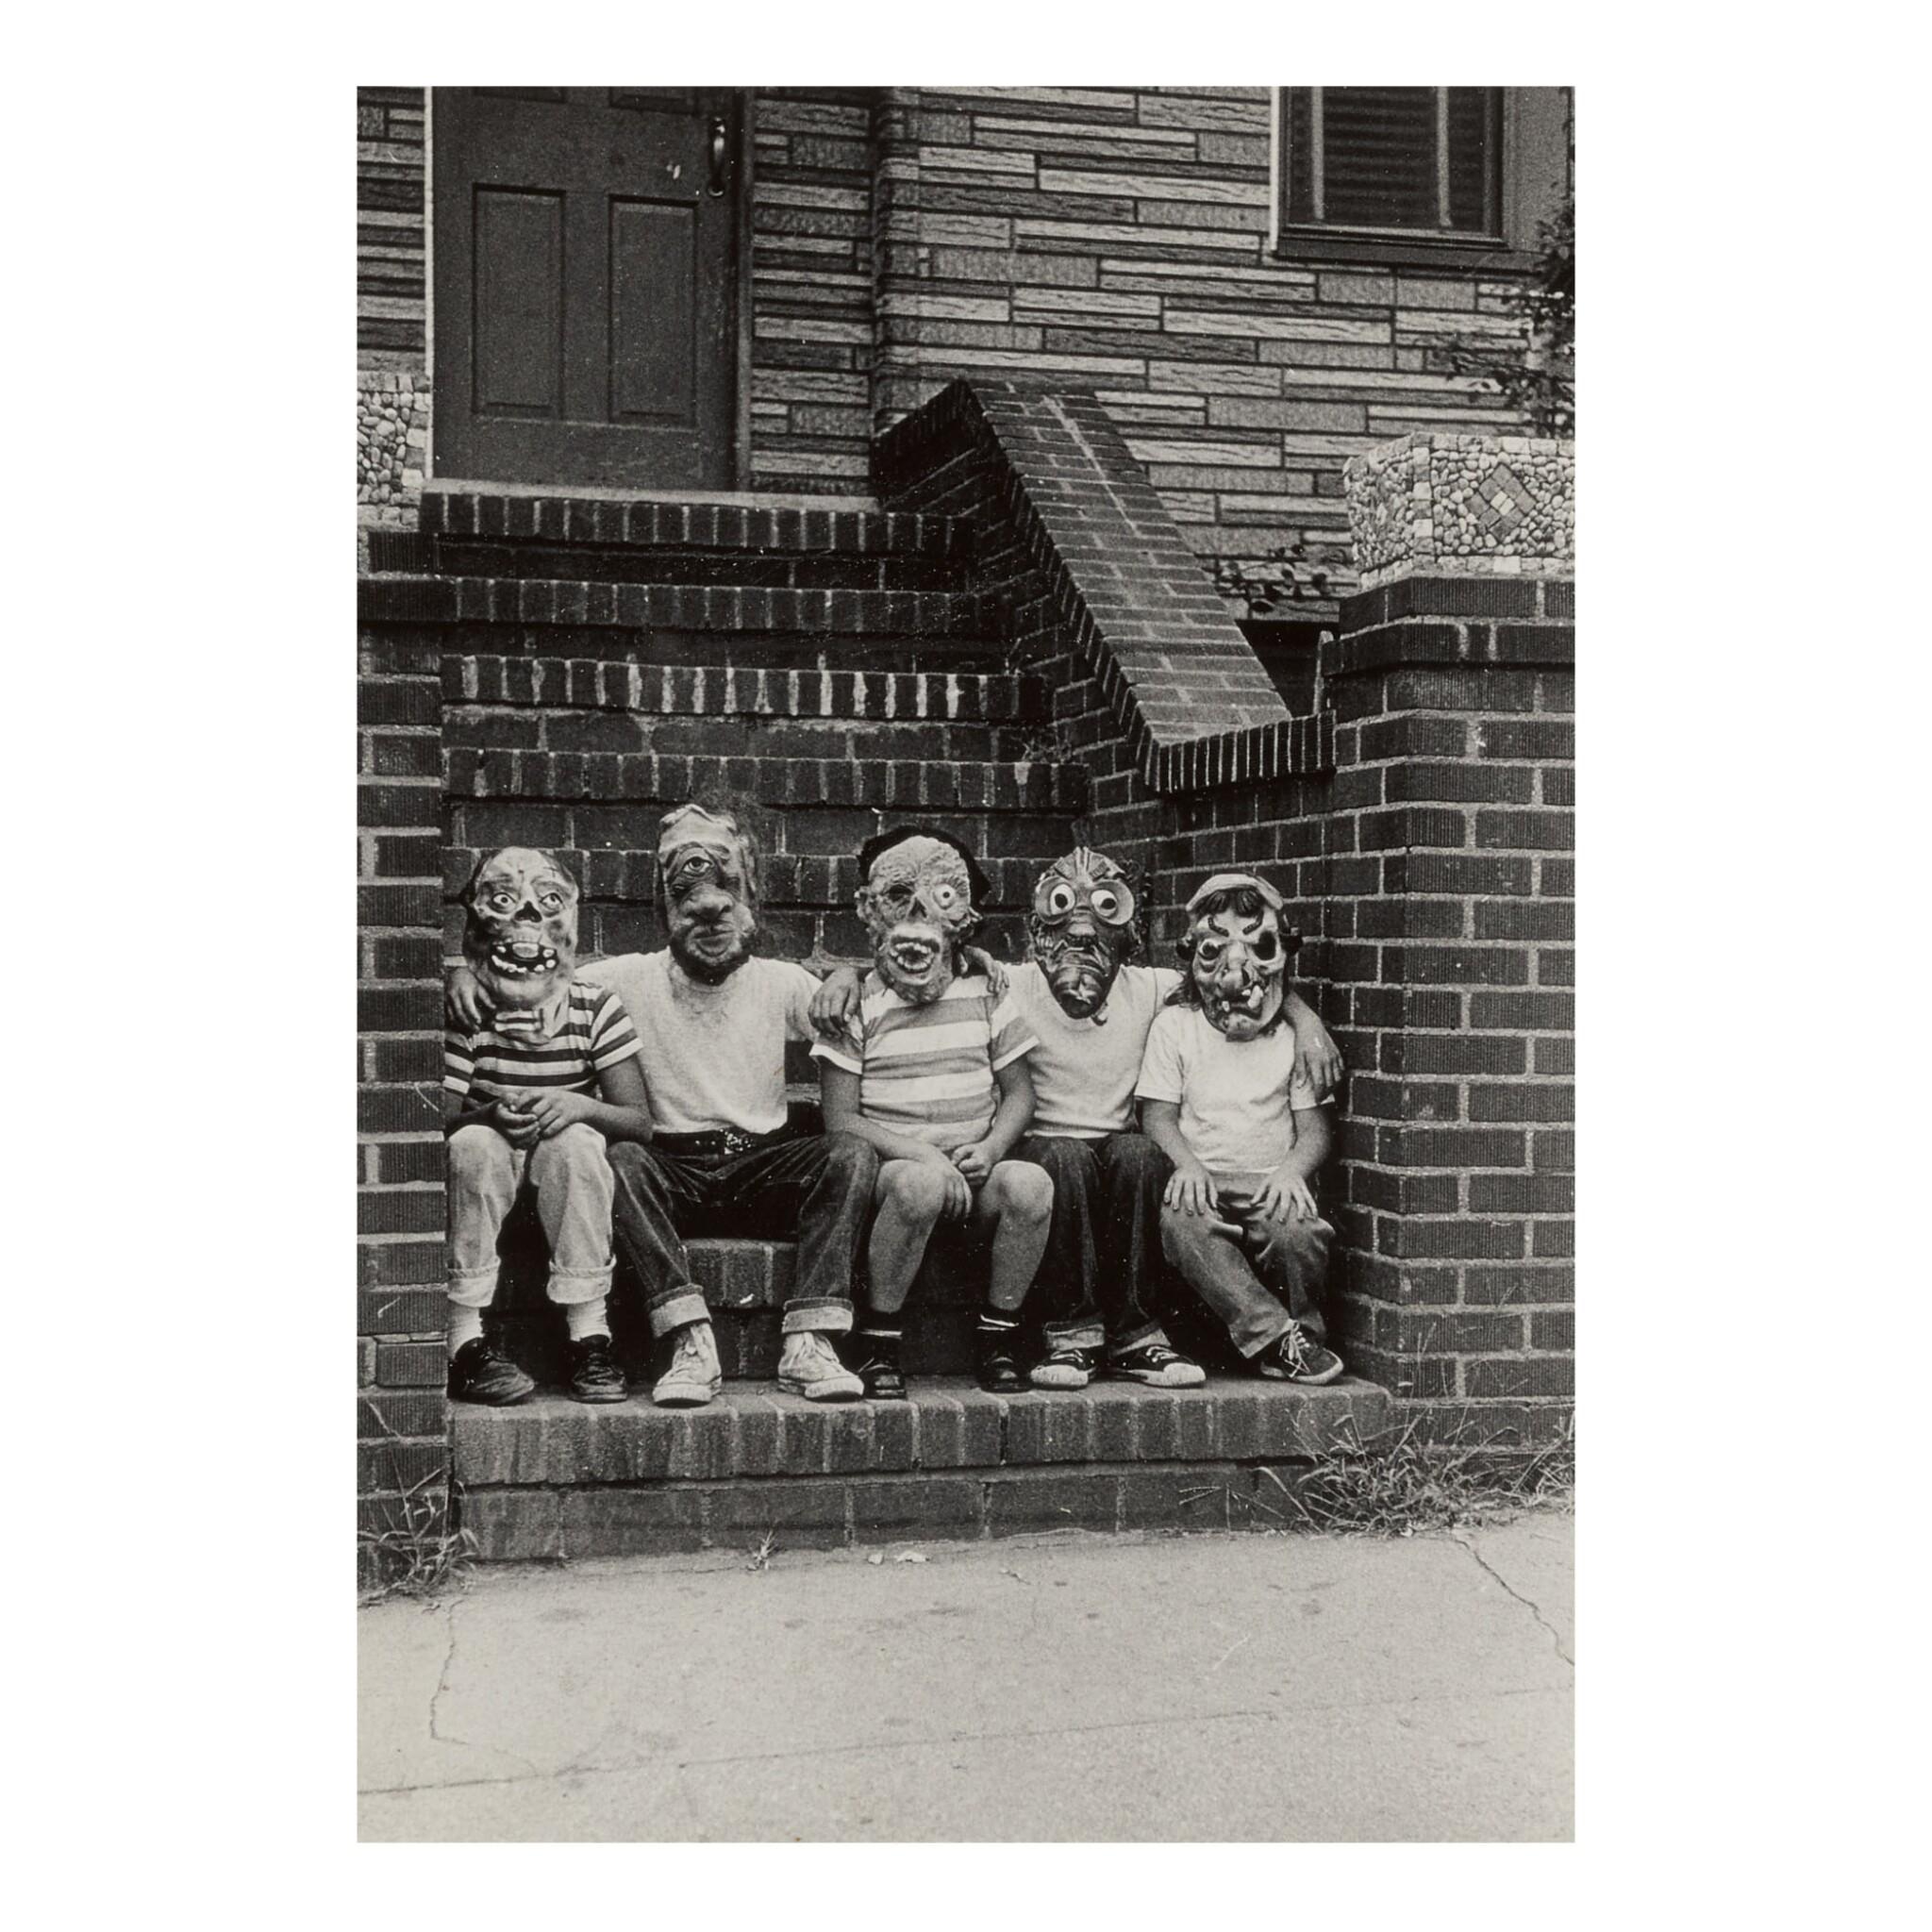 DIANE ARBUS | JIM WARREN'S FAMOUS MONSTERS FAN CLUB, QUEENS, NEW YORK, CHAPTER